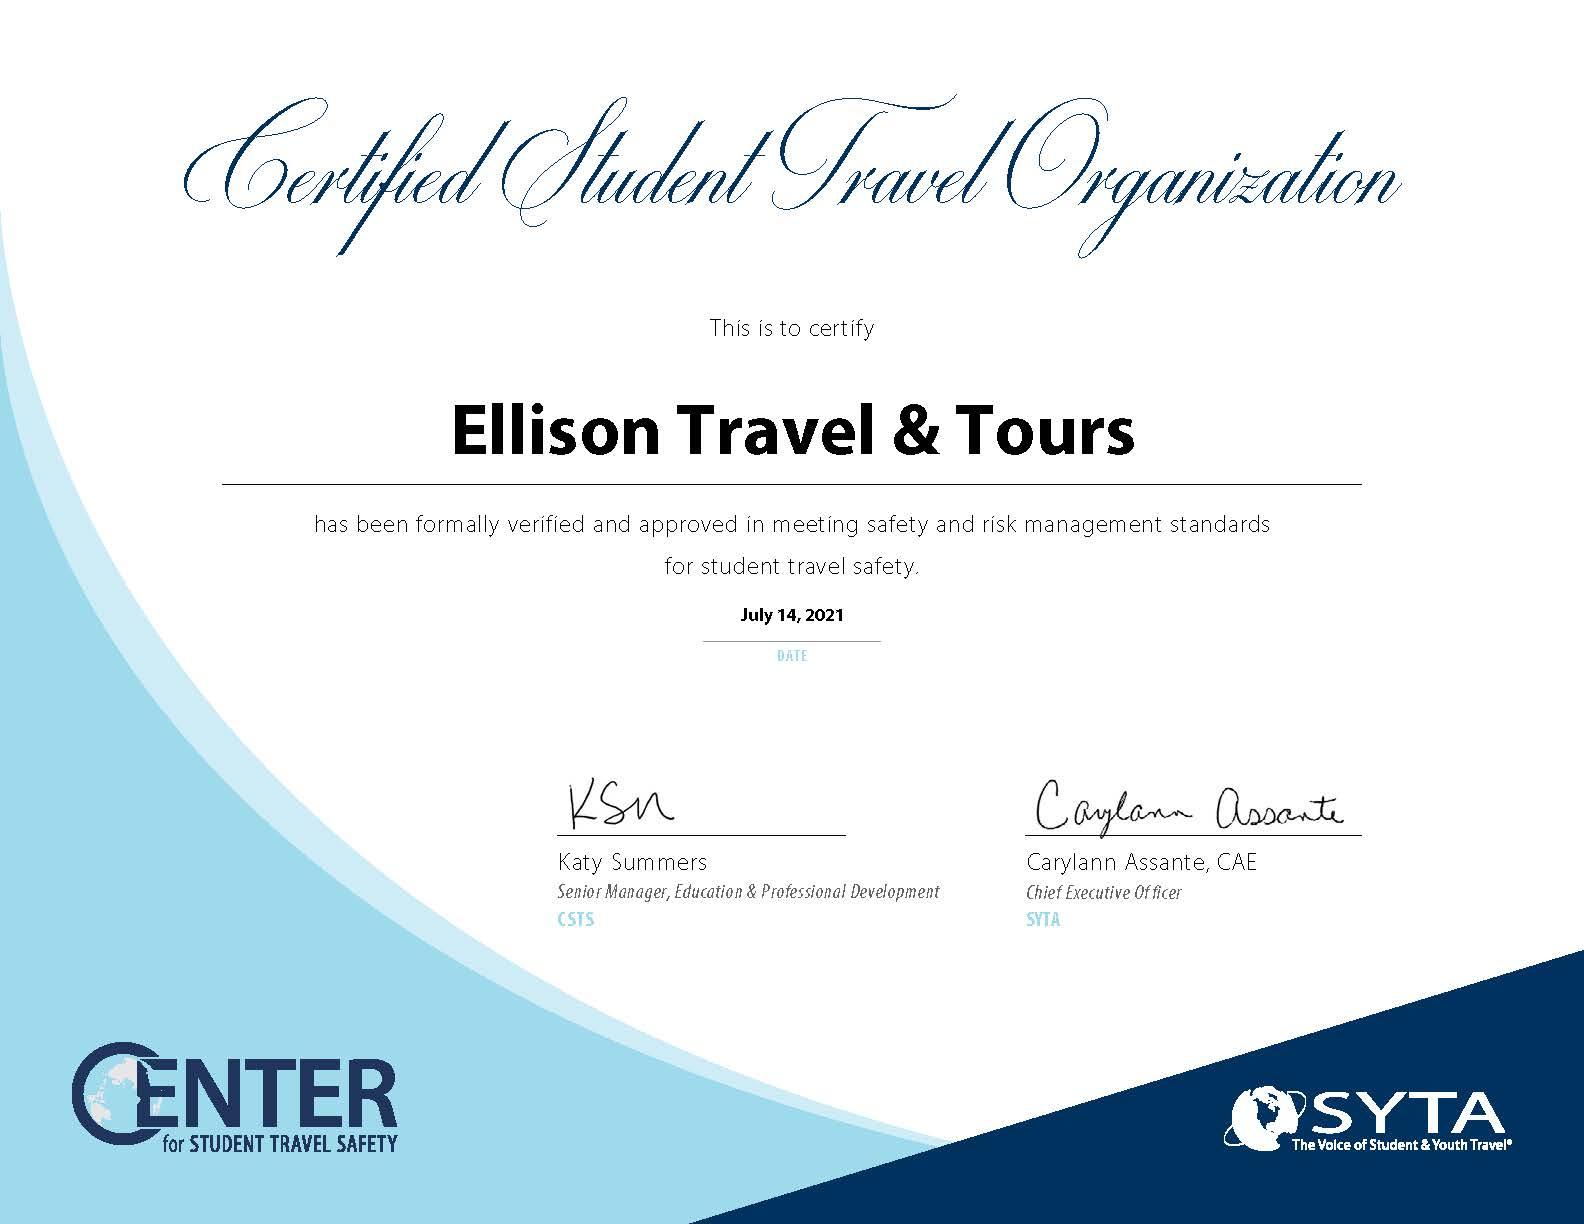 Center Certificate CSTO Ellison